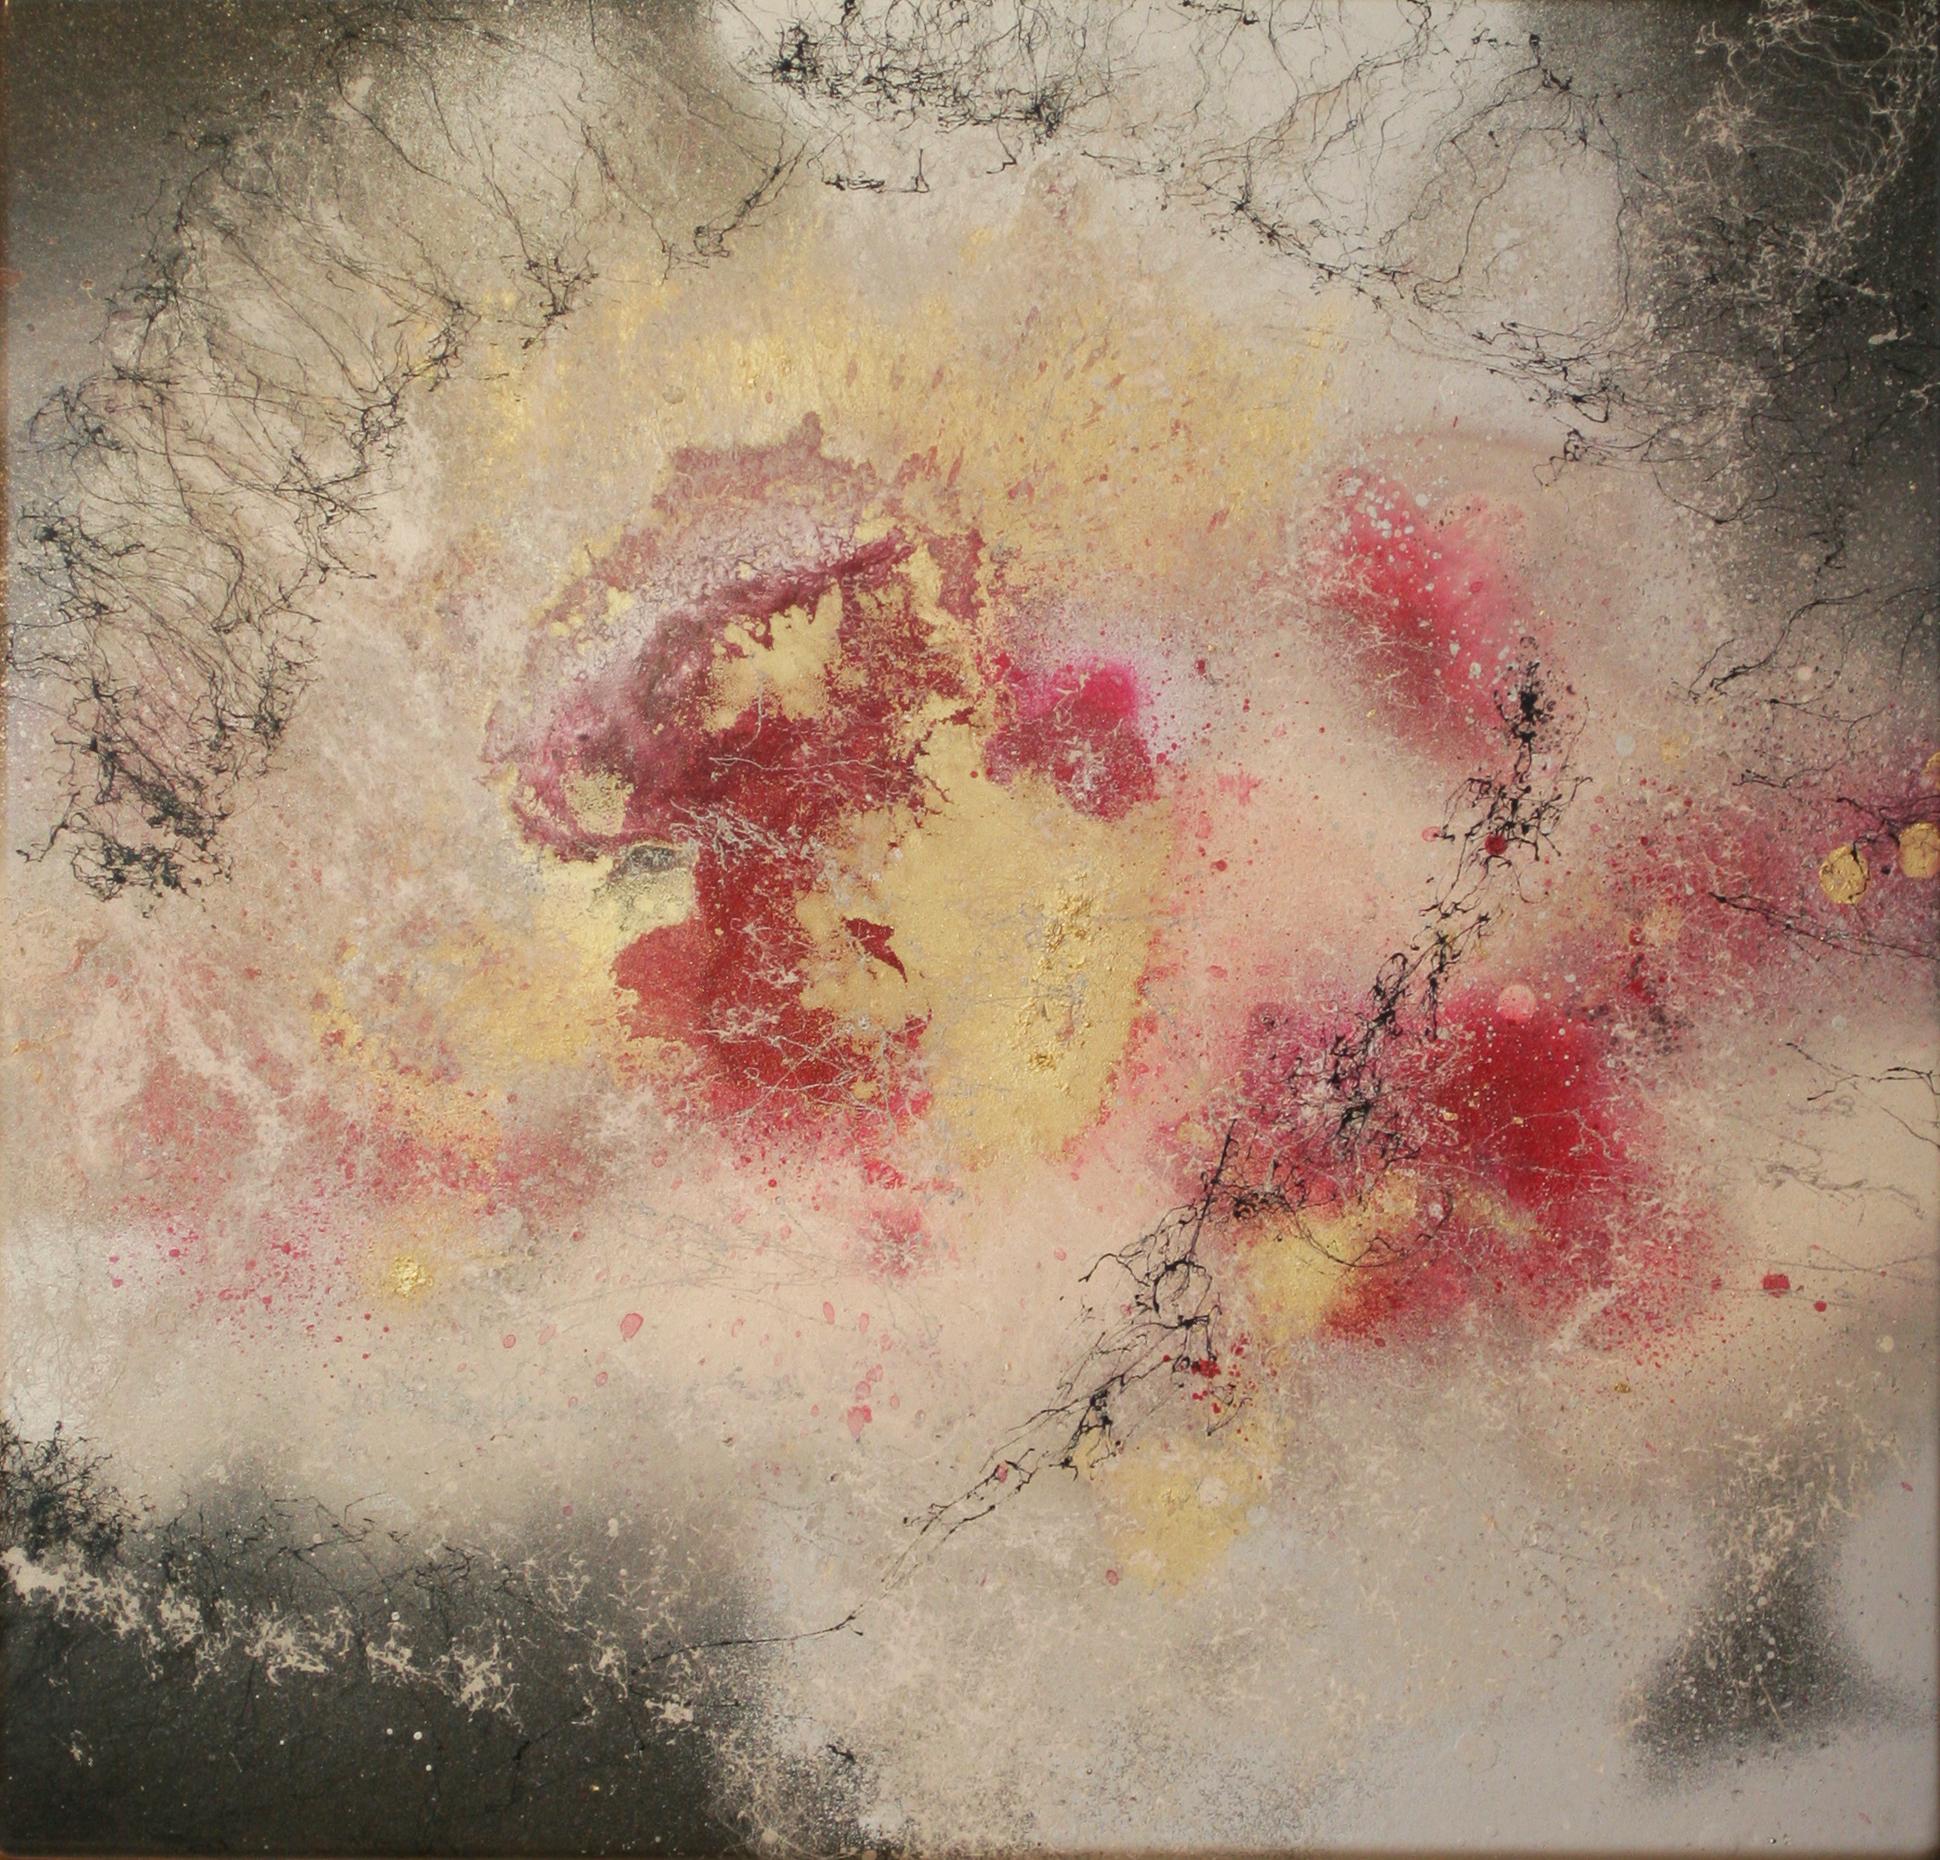 Nebel I, 2016, Acryl, Lack auf Emaille-Platte, 46x44cm